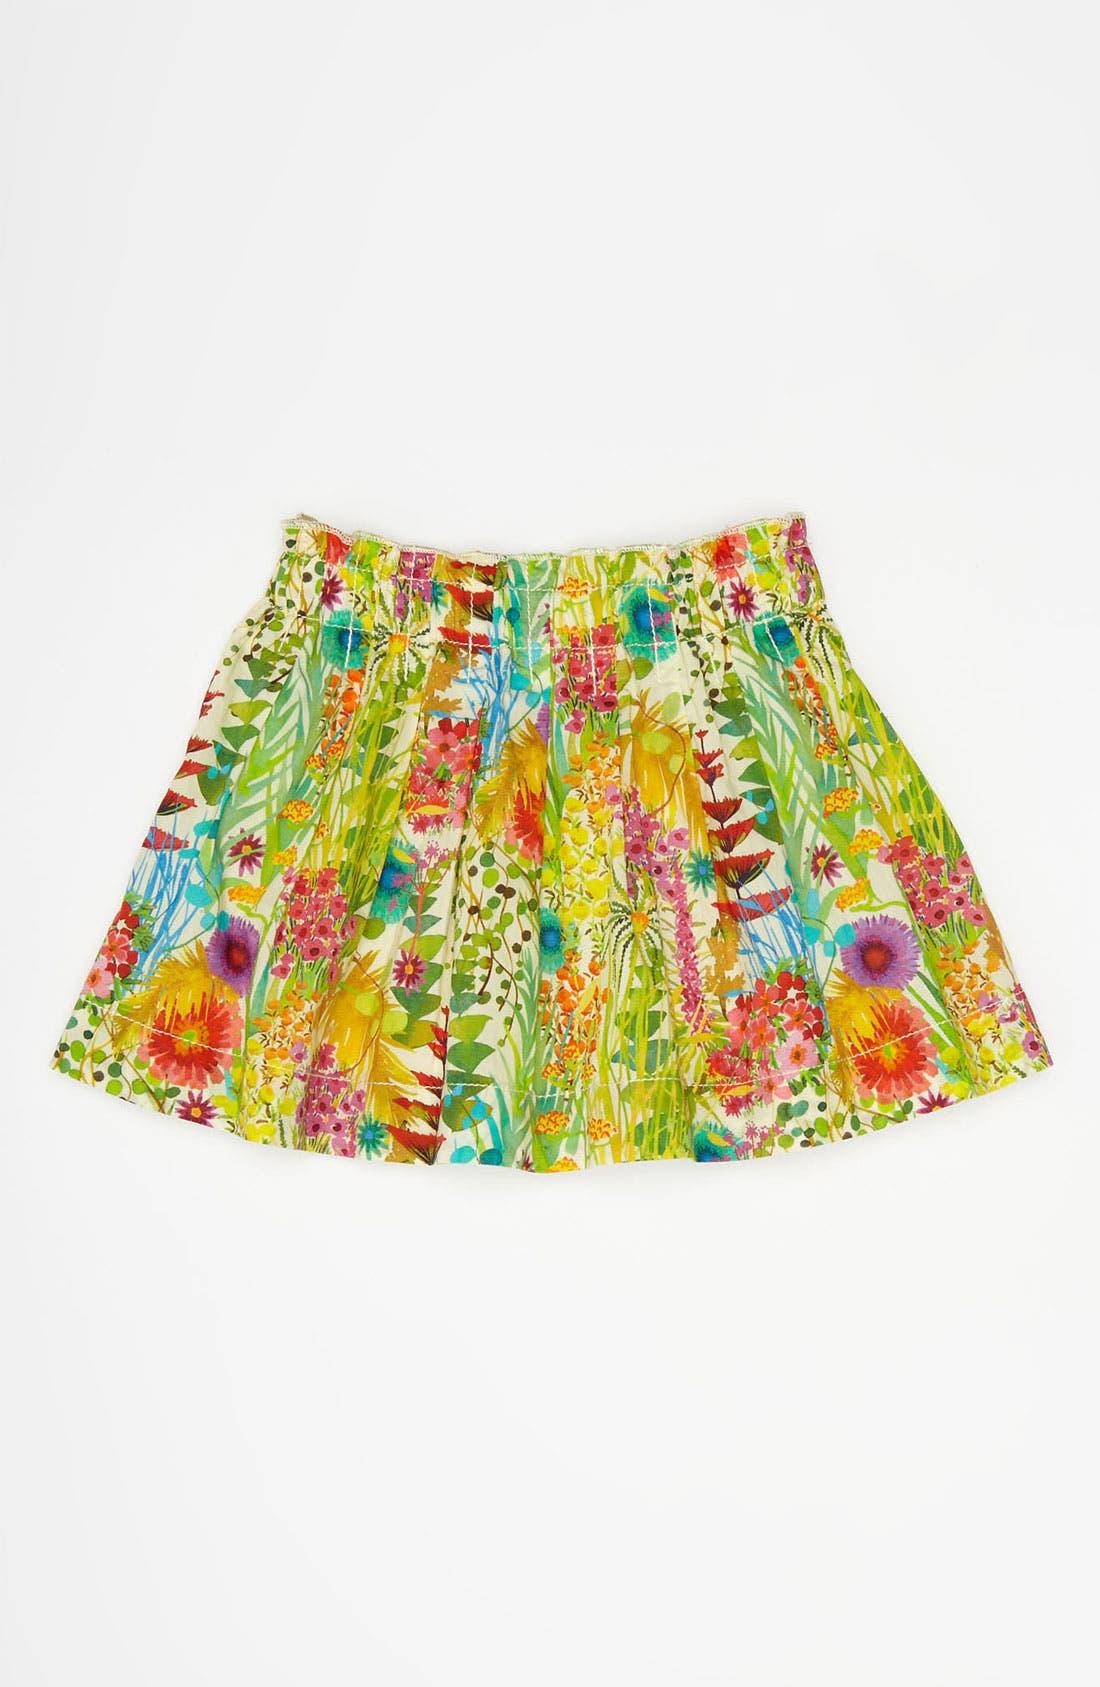 Alternate Image 1 Selected - Peek 'Wildflower' Skirt (Baby)